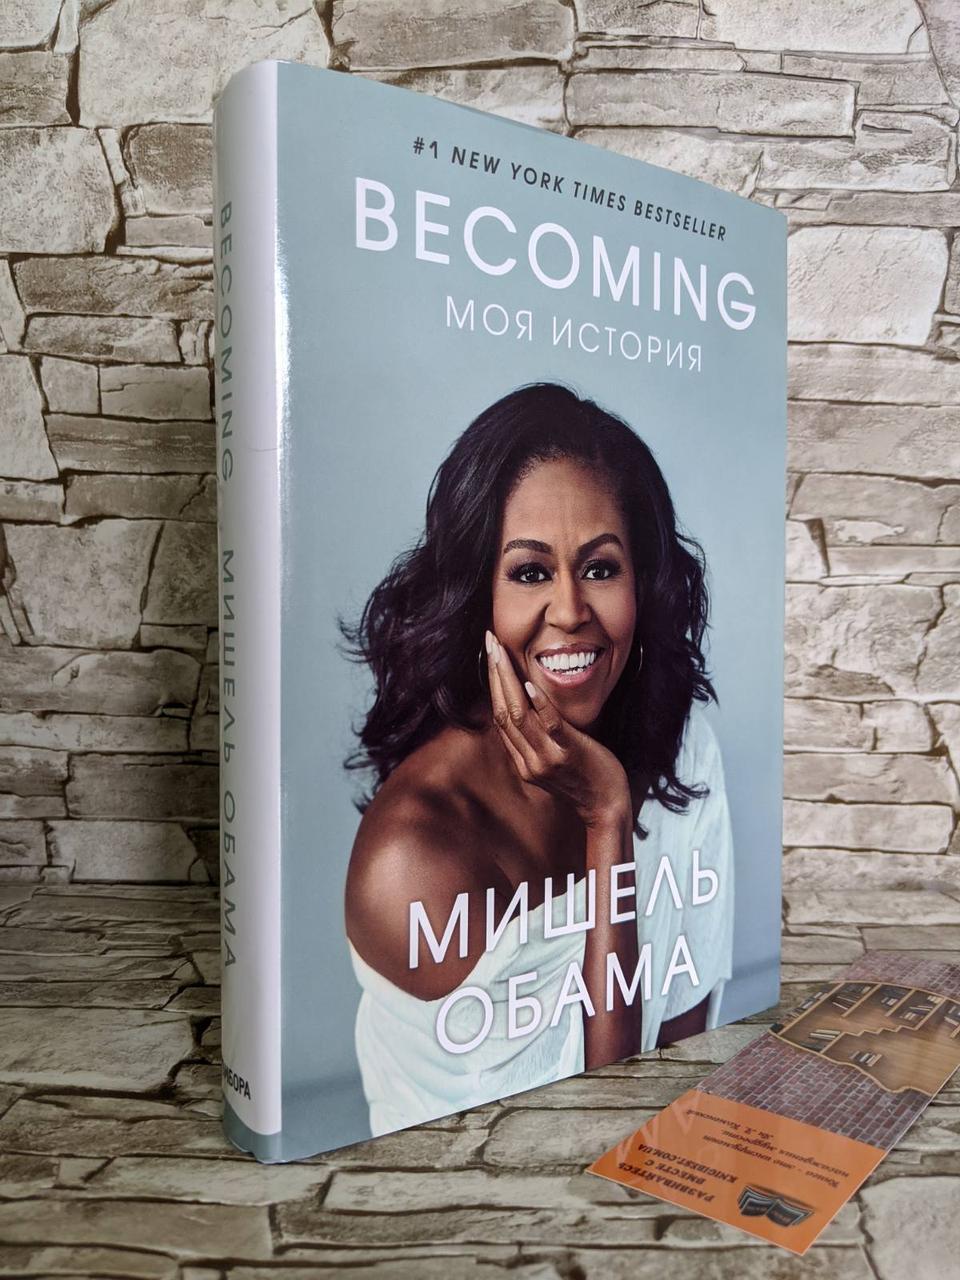 """Книга """"Becoming. Моя история"""" Мишель Обама"""